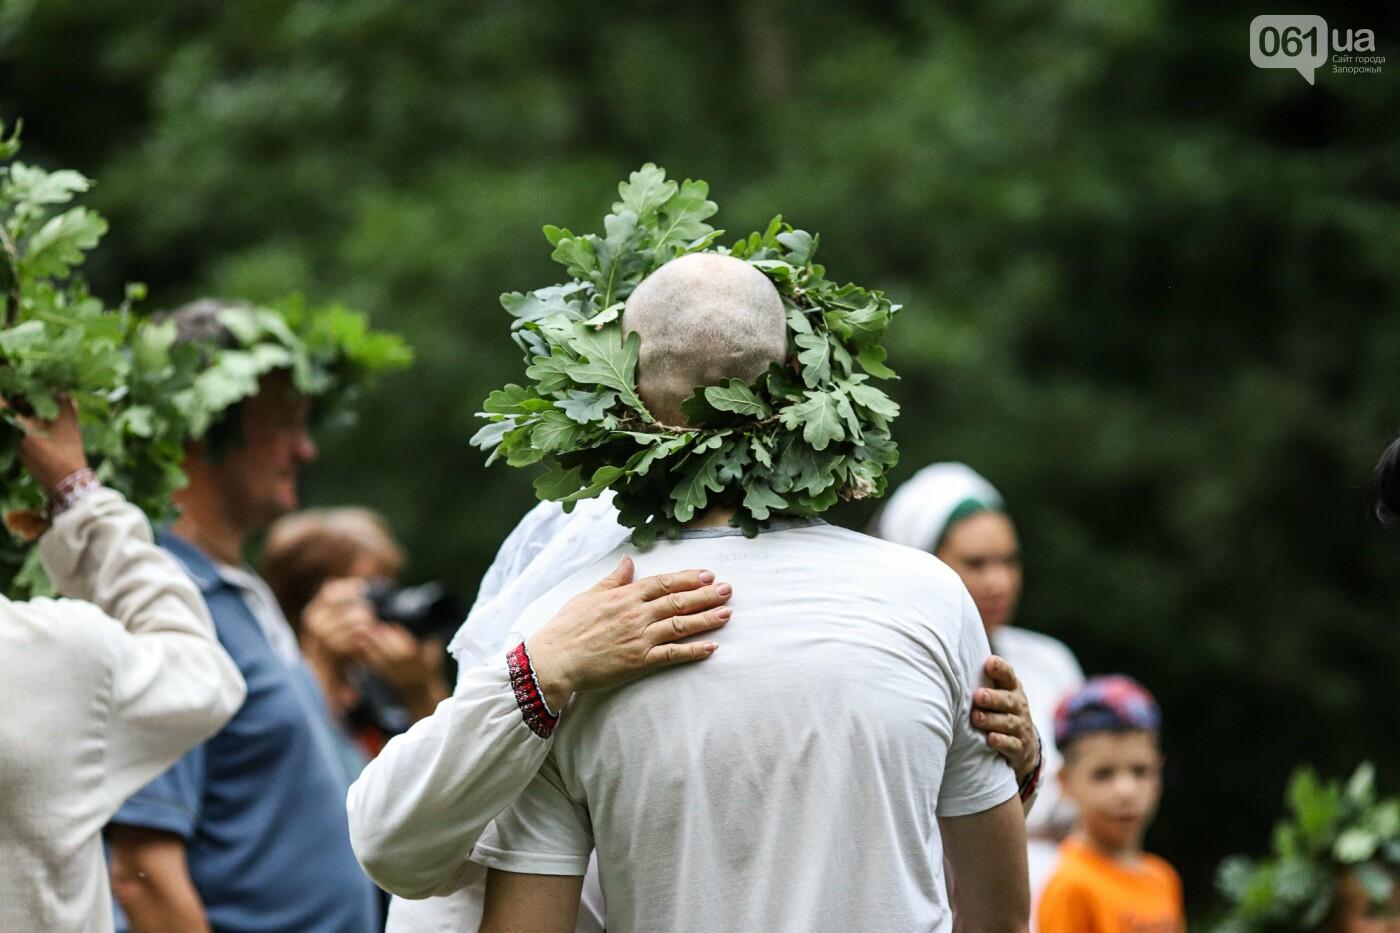 Огонь и дубовые венки: как на Хортице отметили праздник Перуна, - ФОТОРЕПОРТАЖ, фото-33